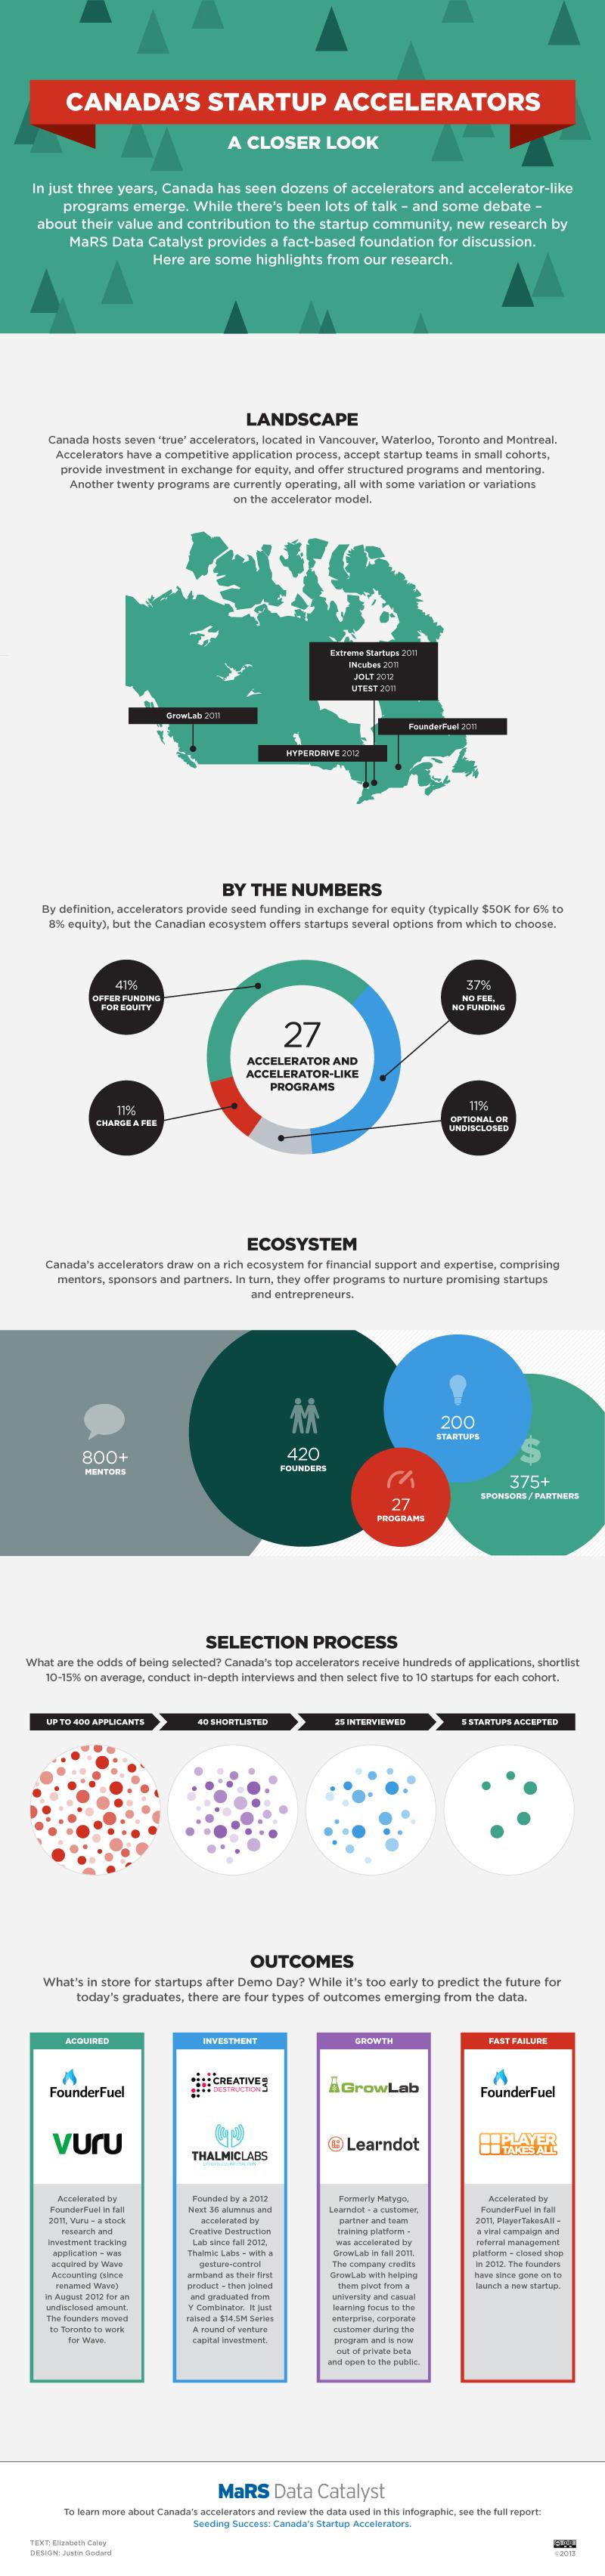 Canada's Startup Accelerators: A Closer Look